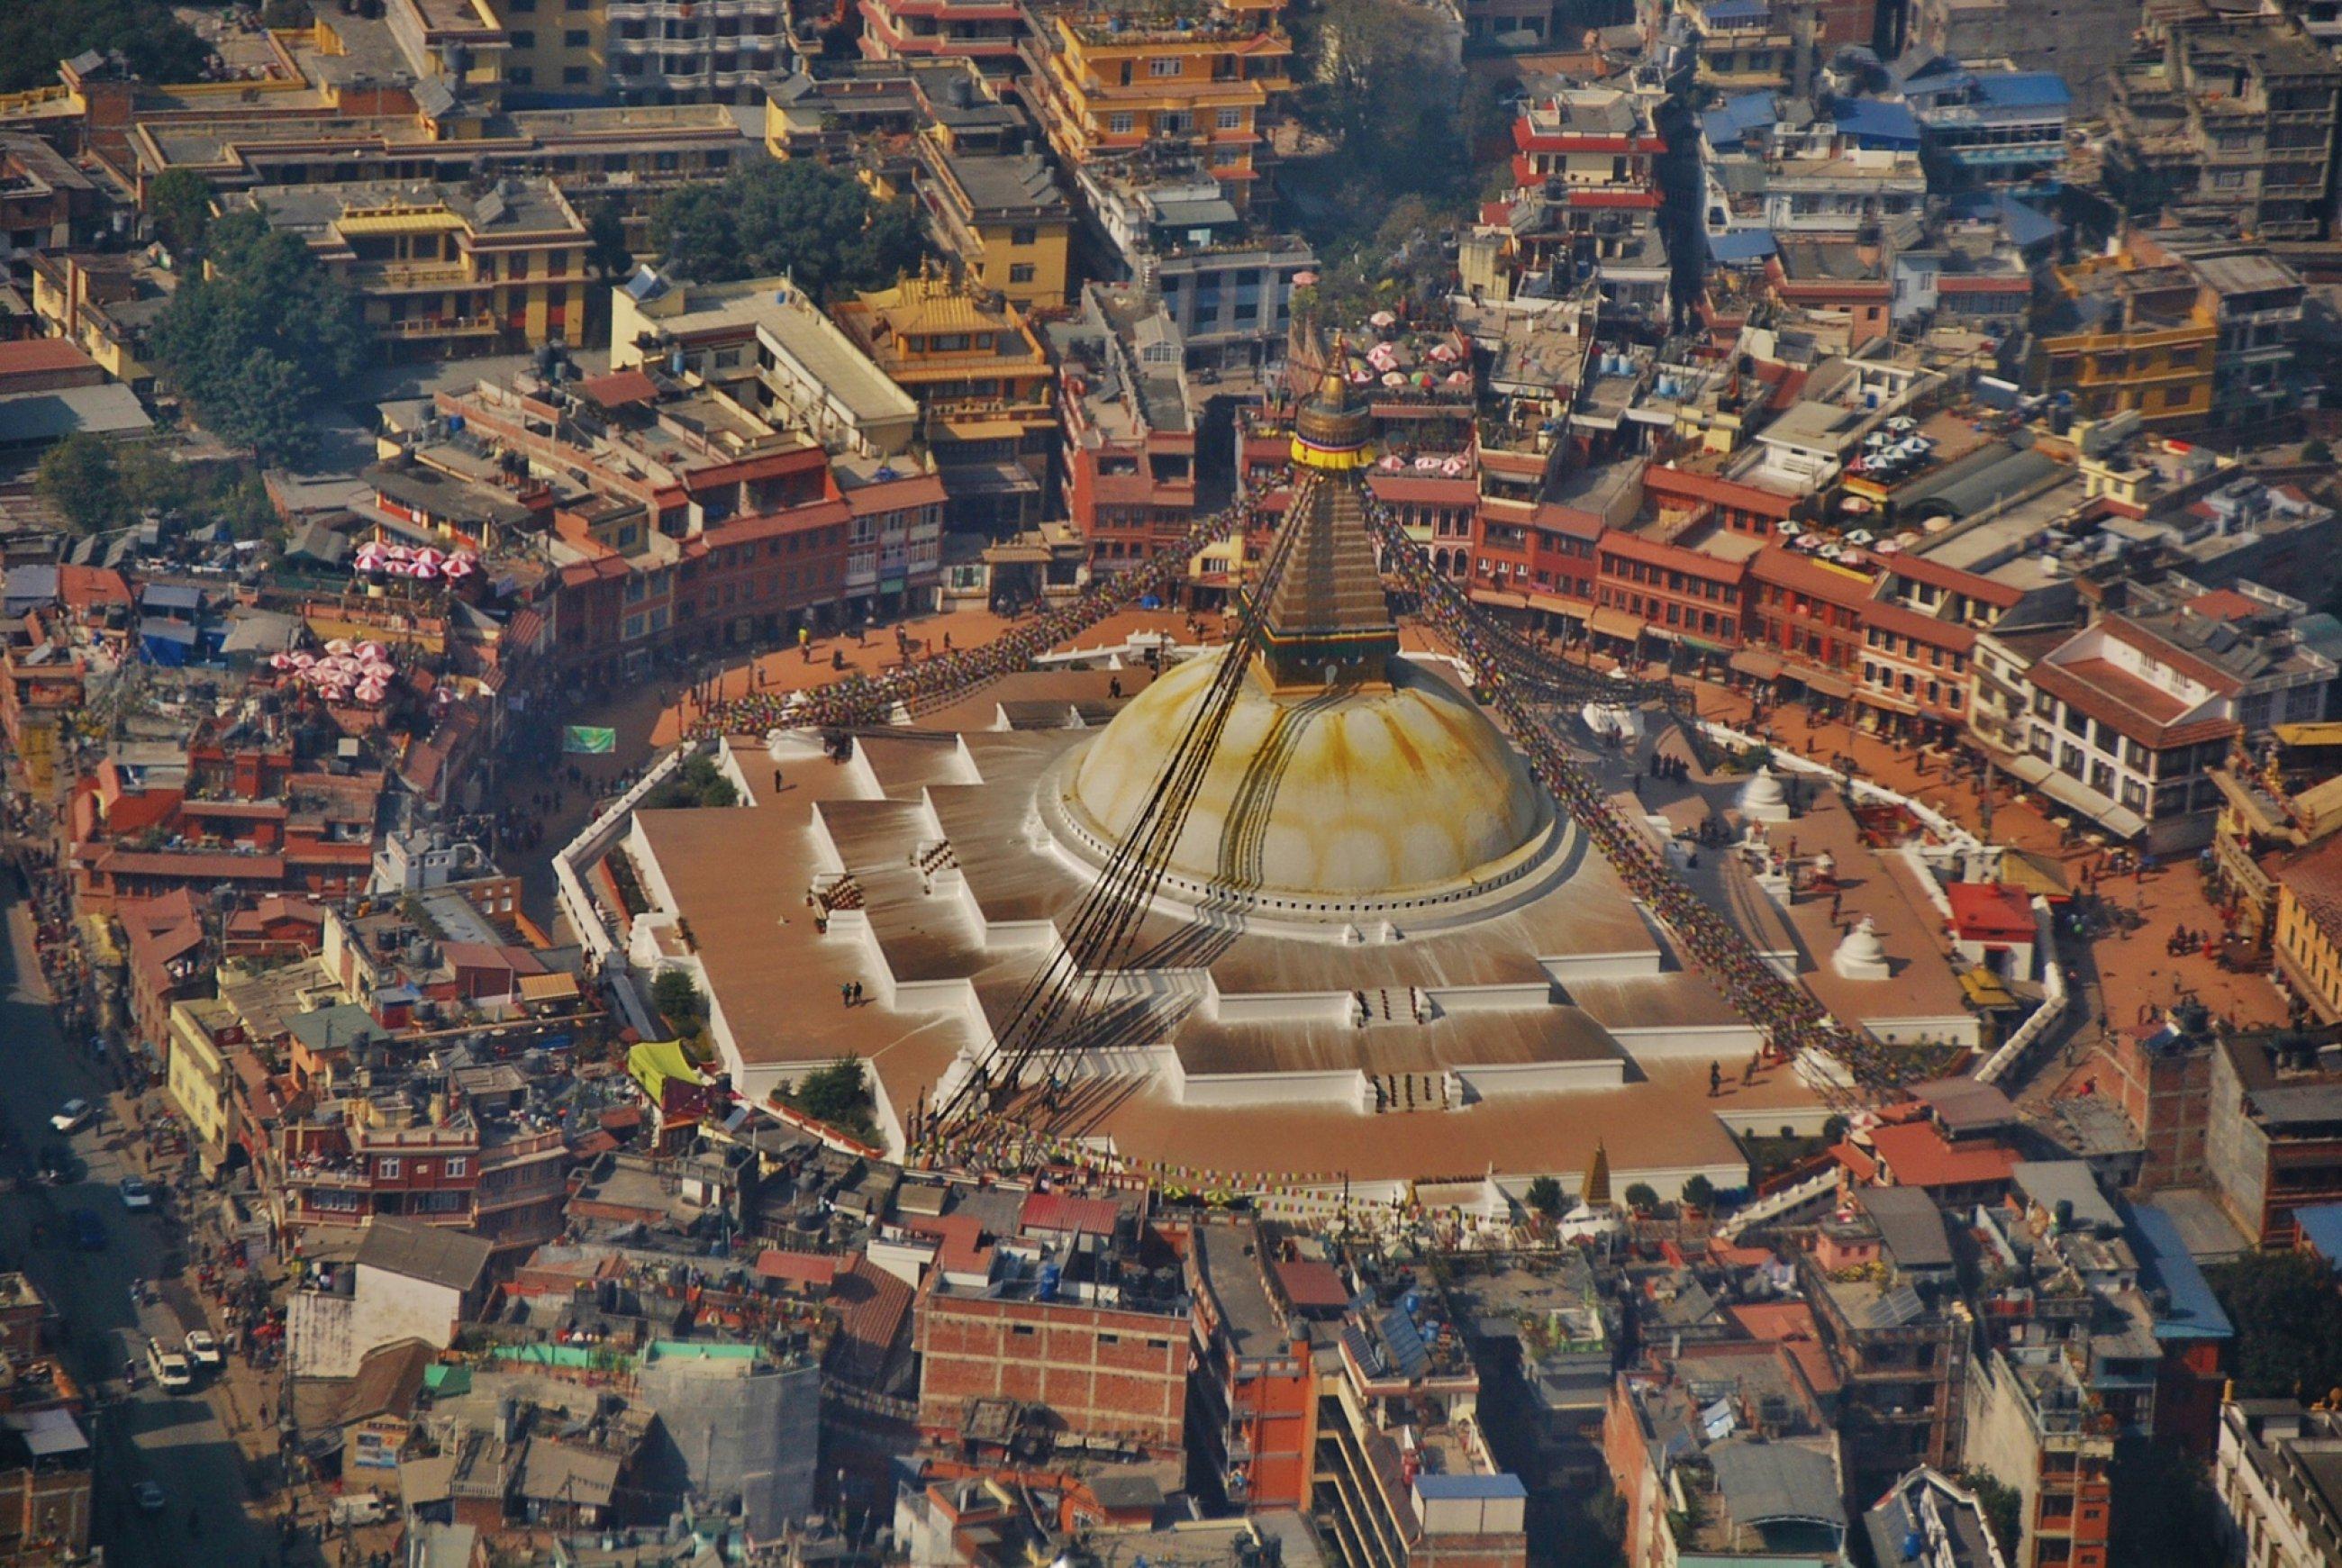 https://bubo.sk/uploads/galleries/16319/nepal-kathmandu-11-2014-mirka-sulka-389-.jpg